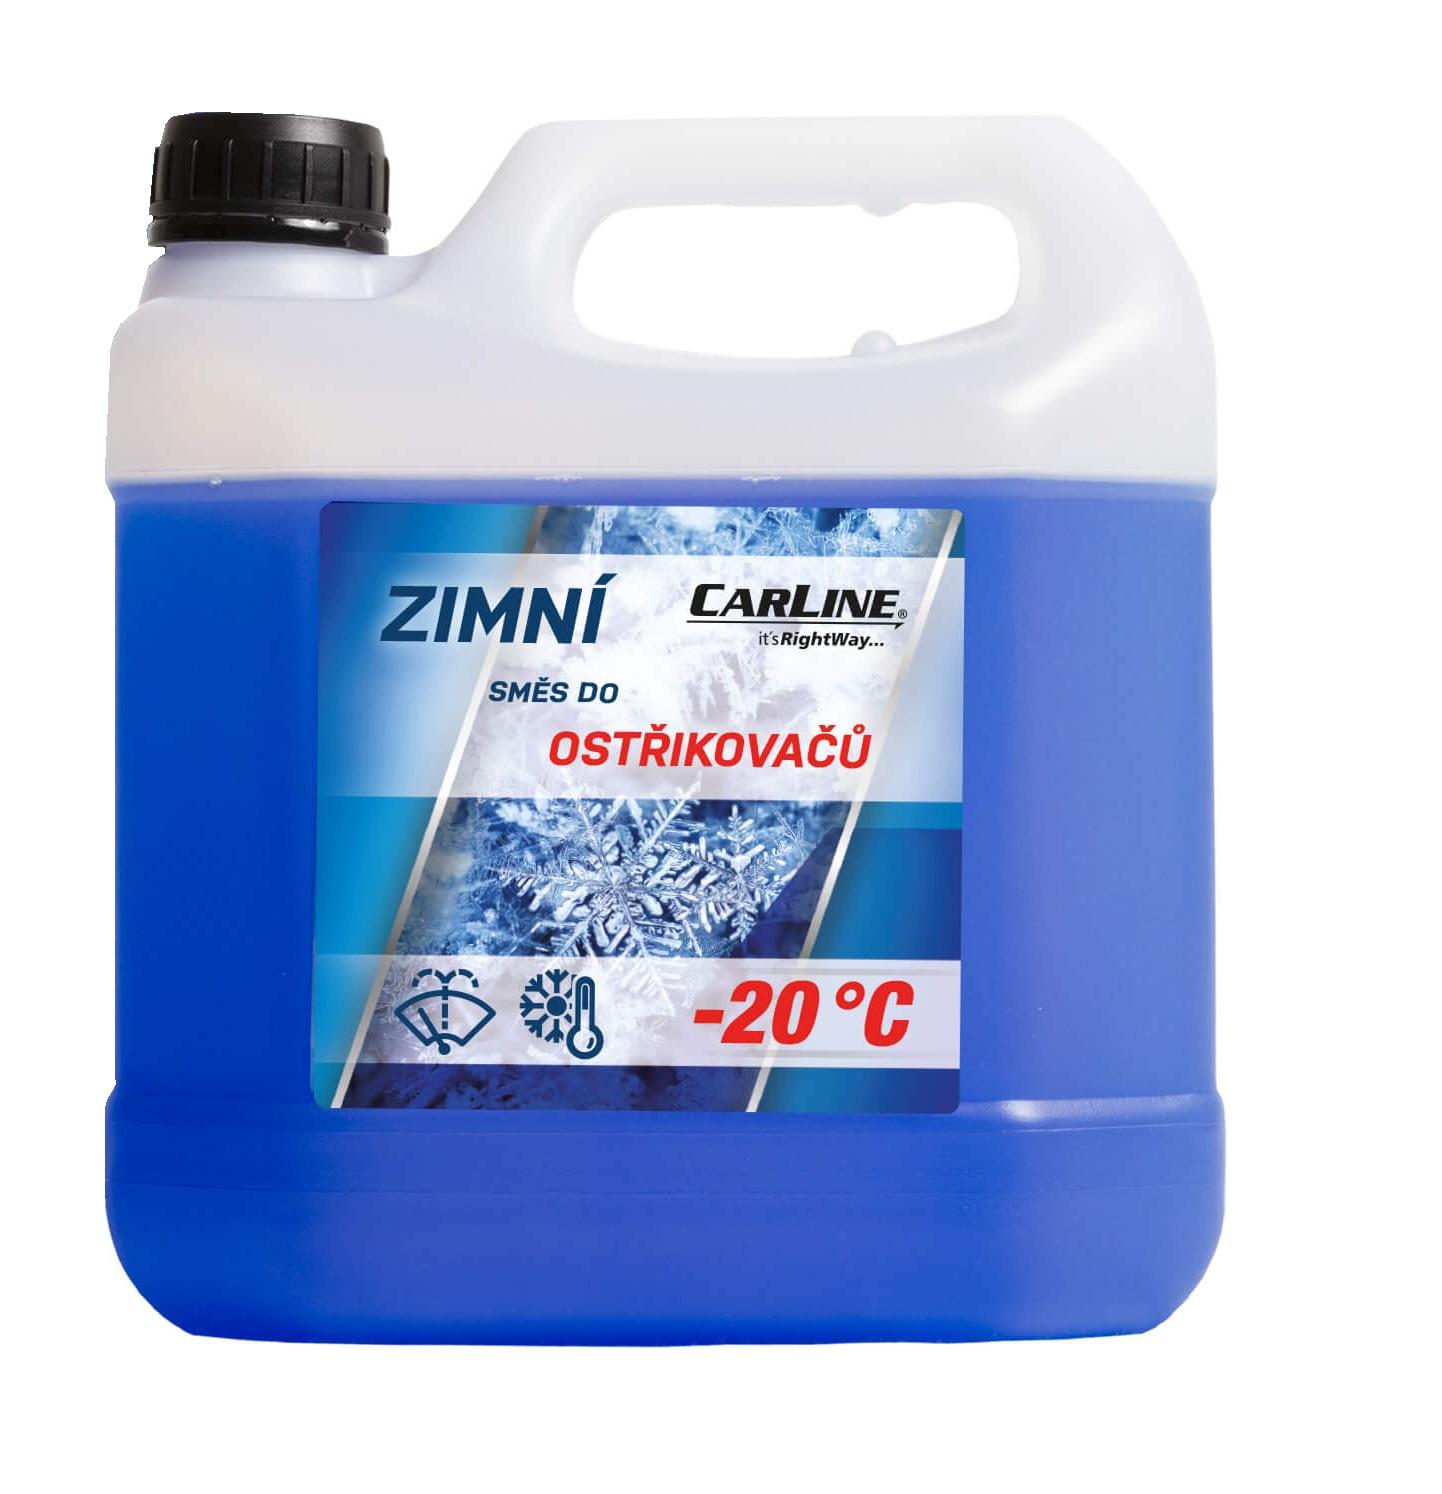 Nemrznoucí směs do ostřikovačů Cleanfox -20°C 3L